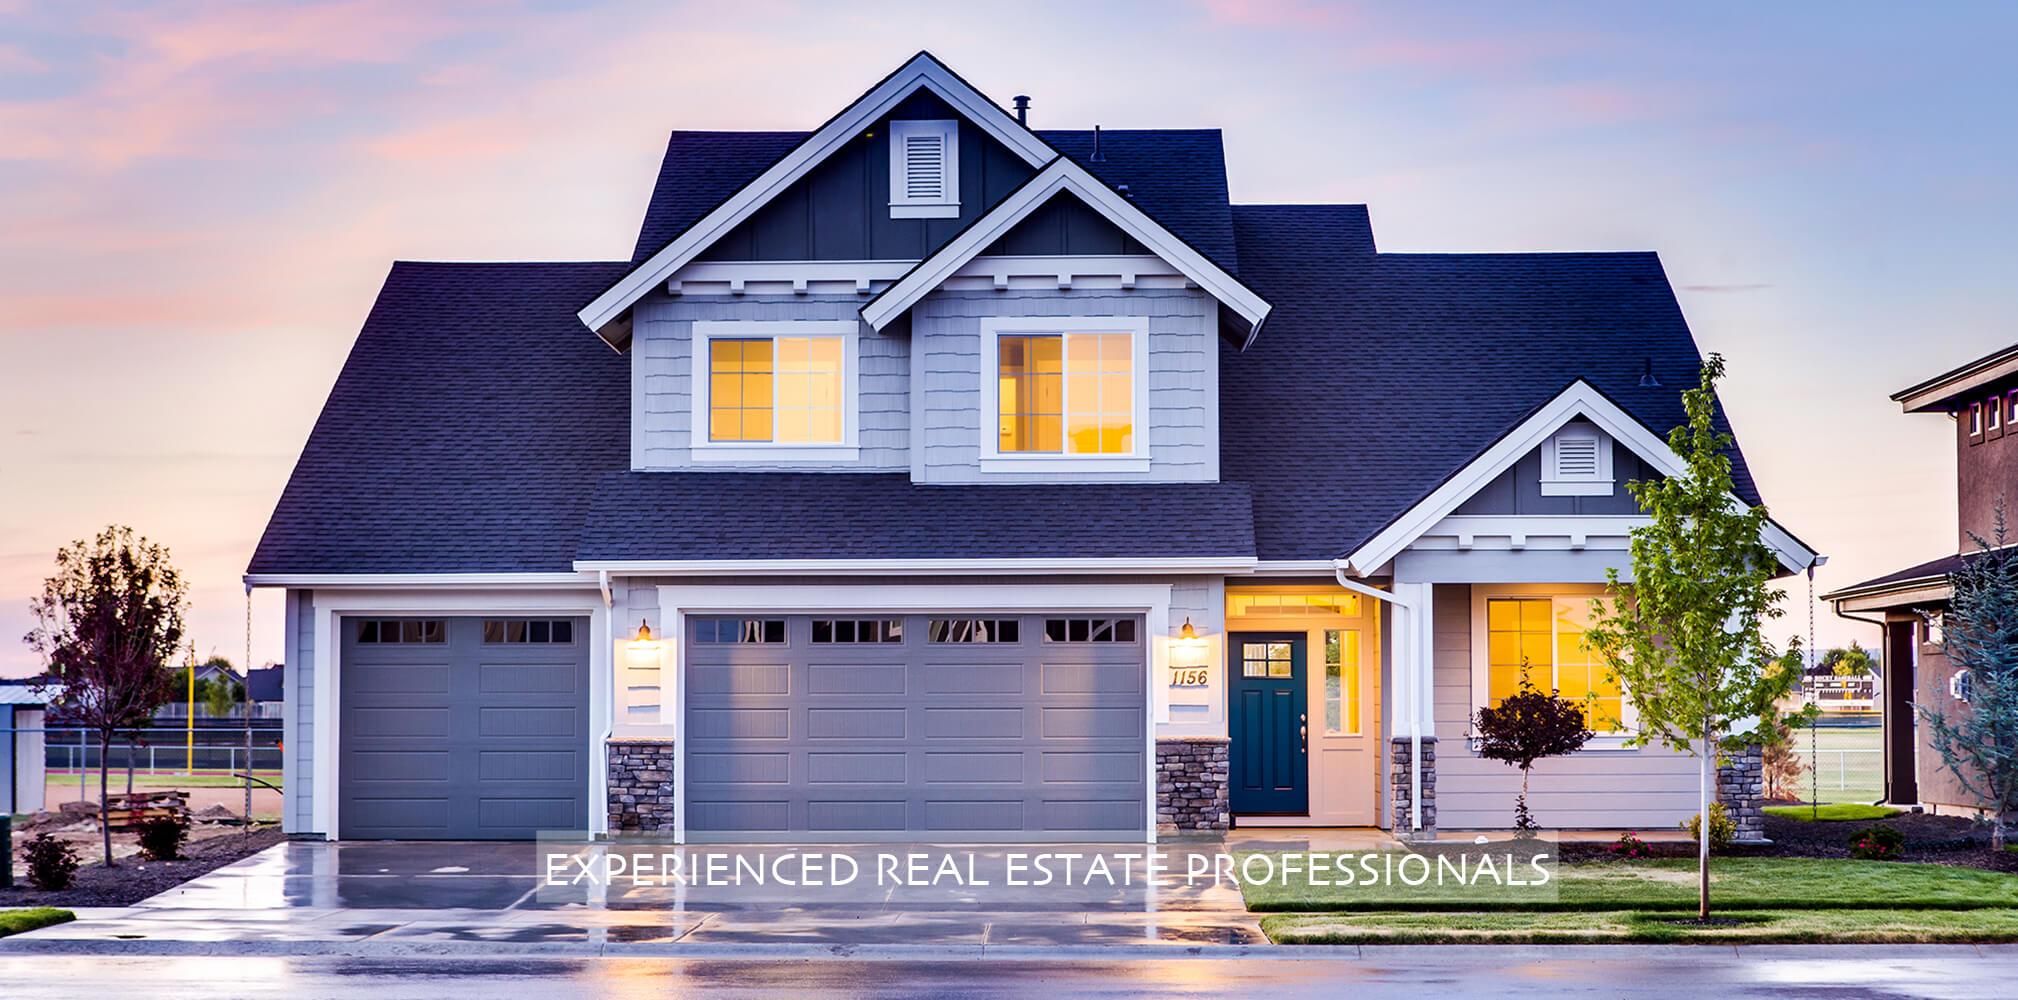 Austin Homes for Sale under 300k